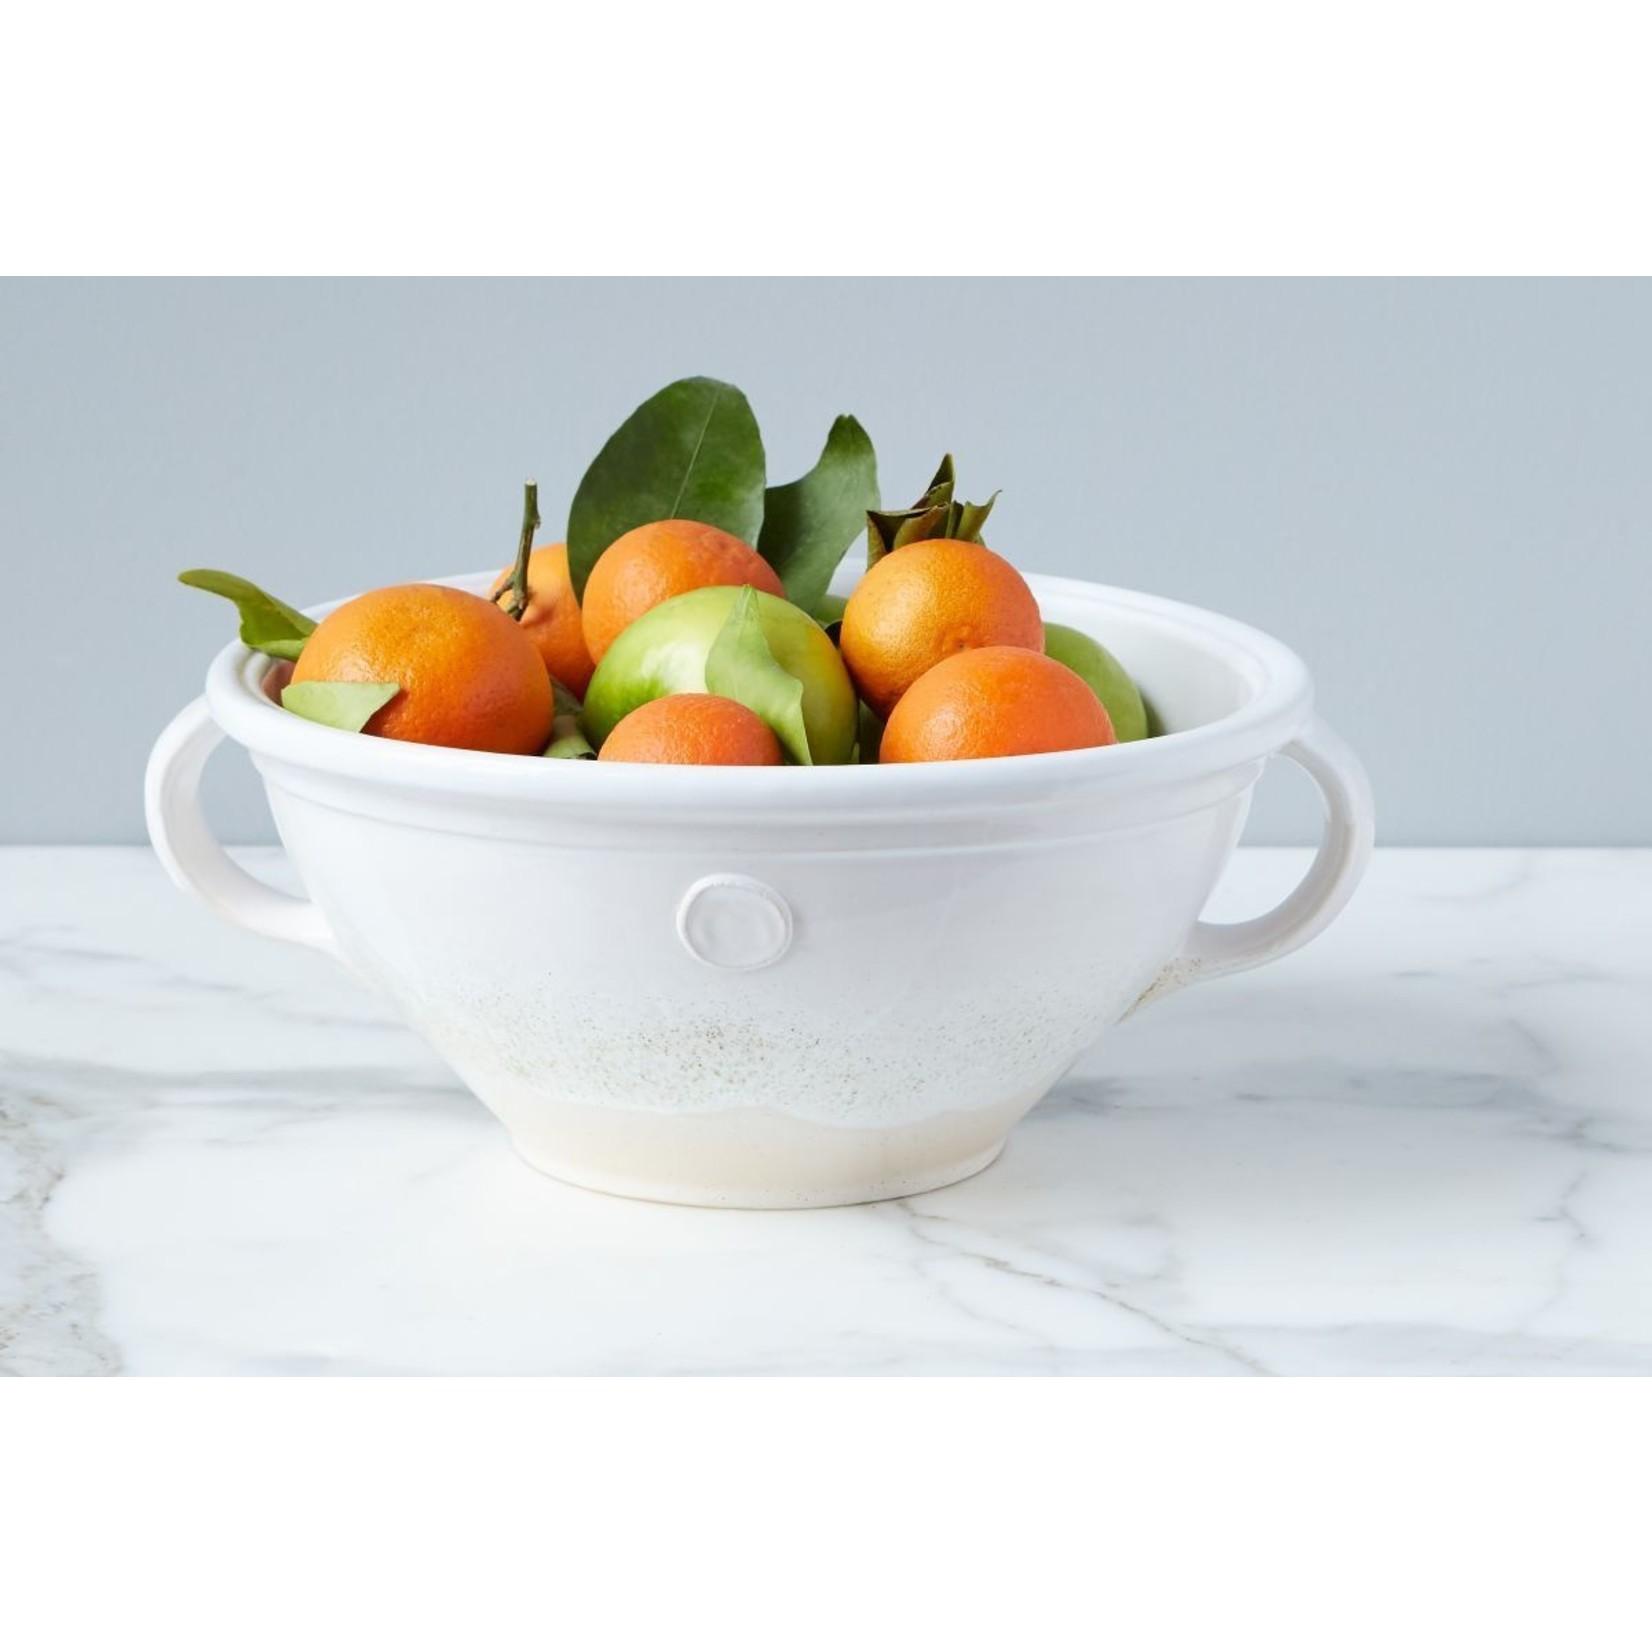 etu HOME Handthrown Serving Bowls